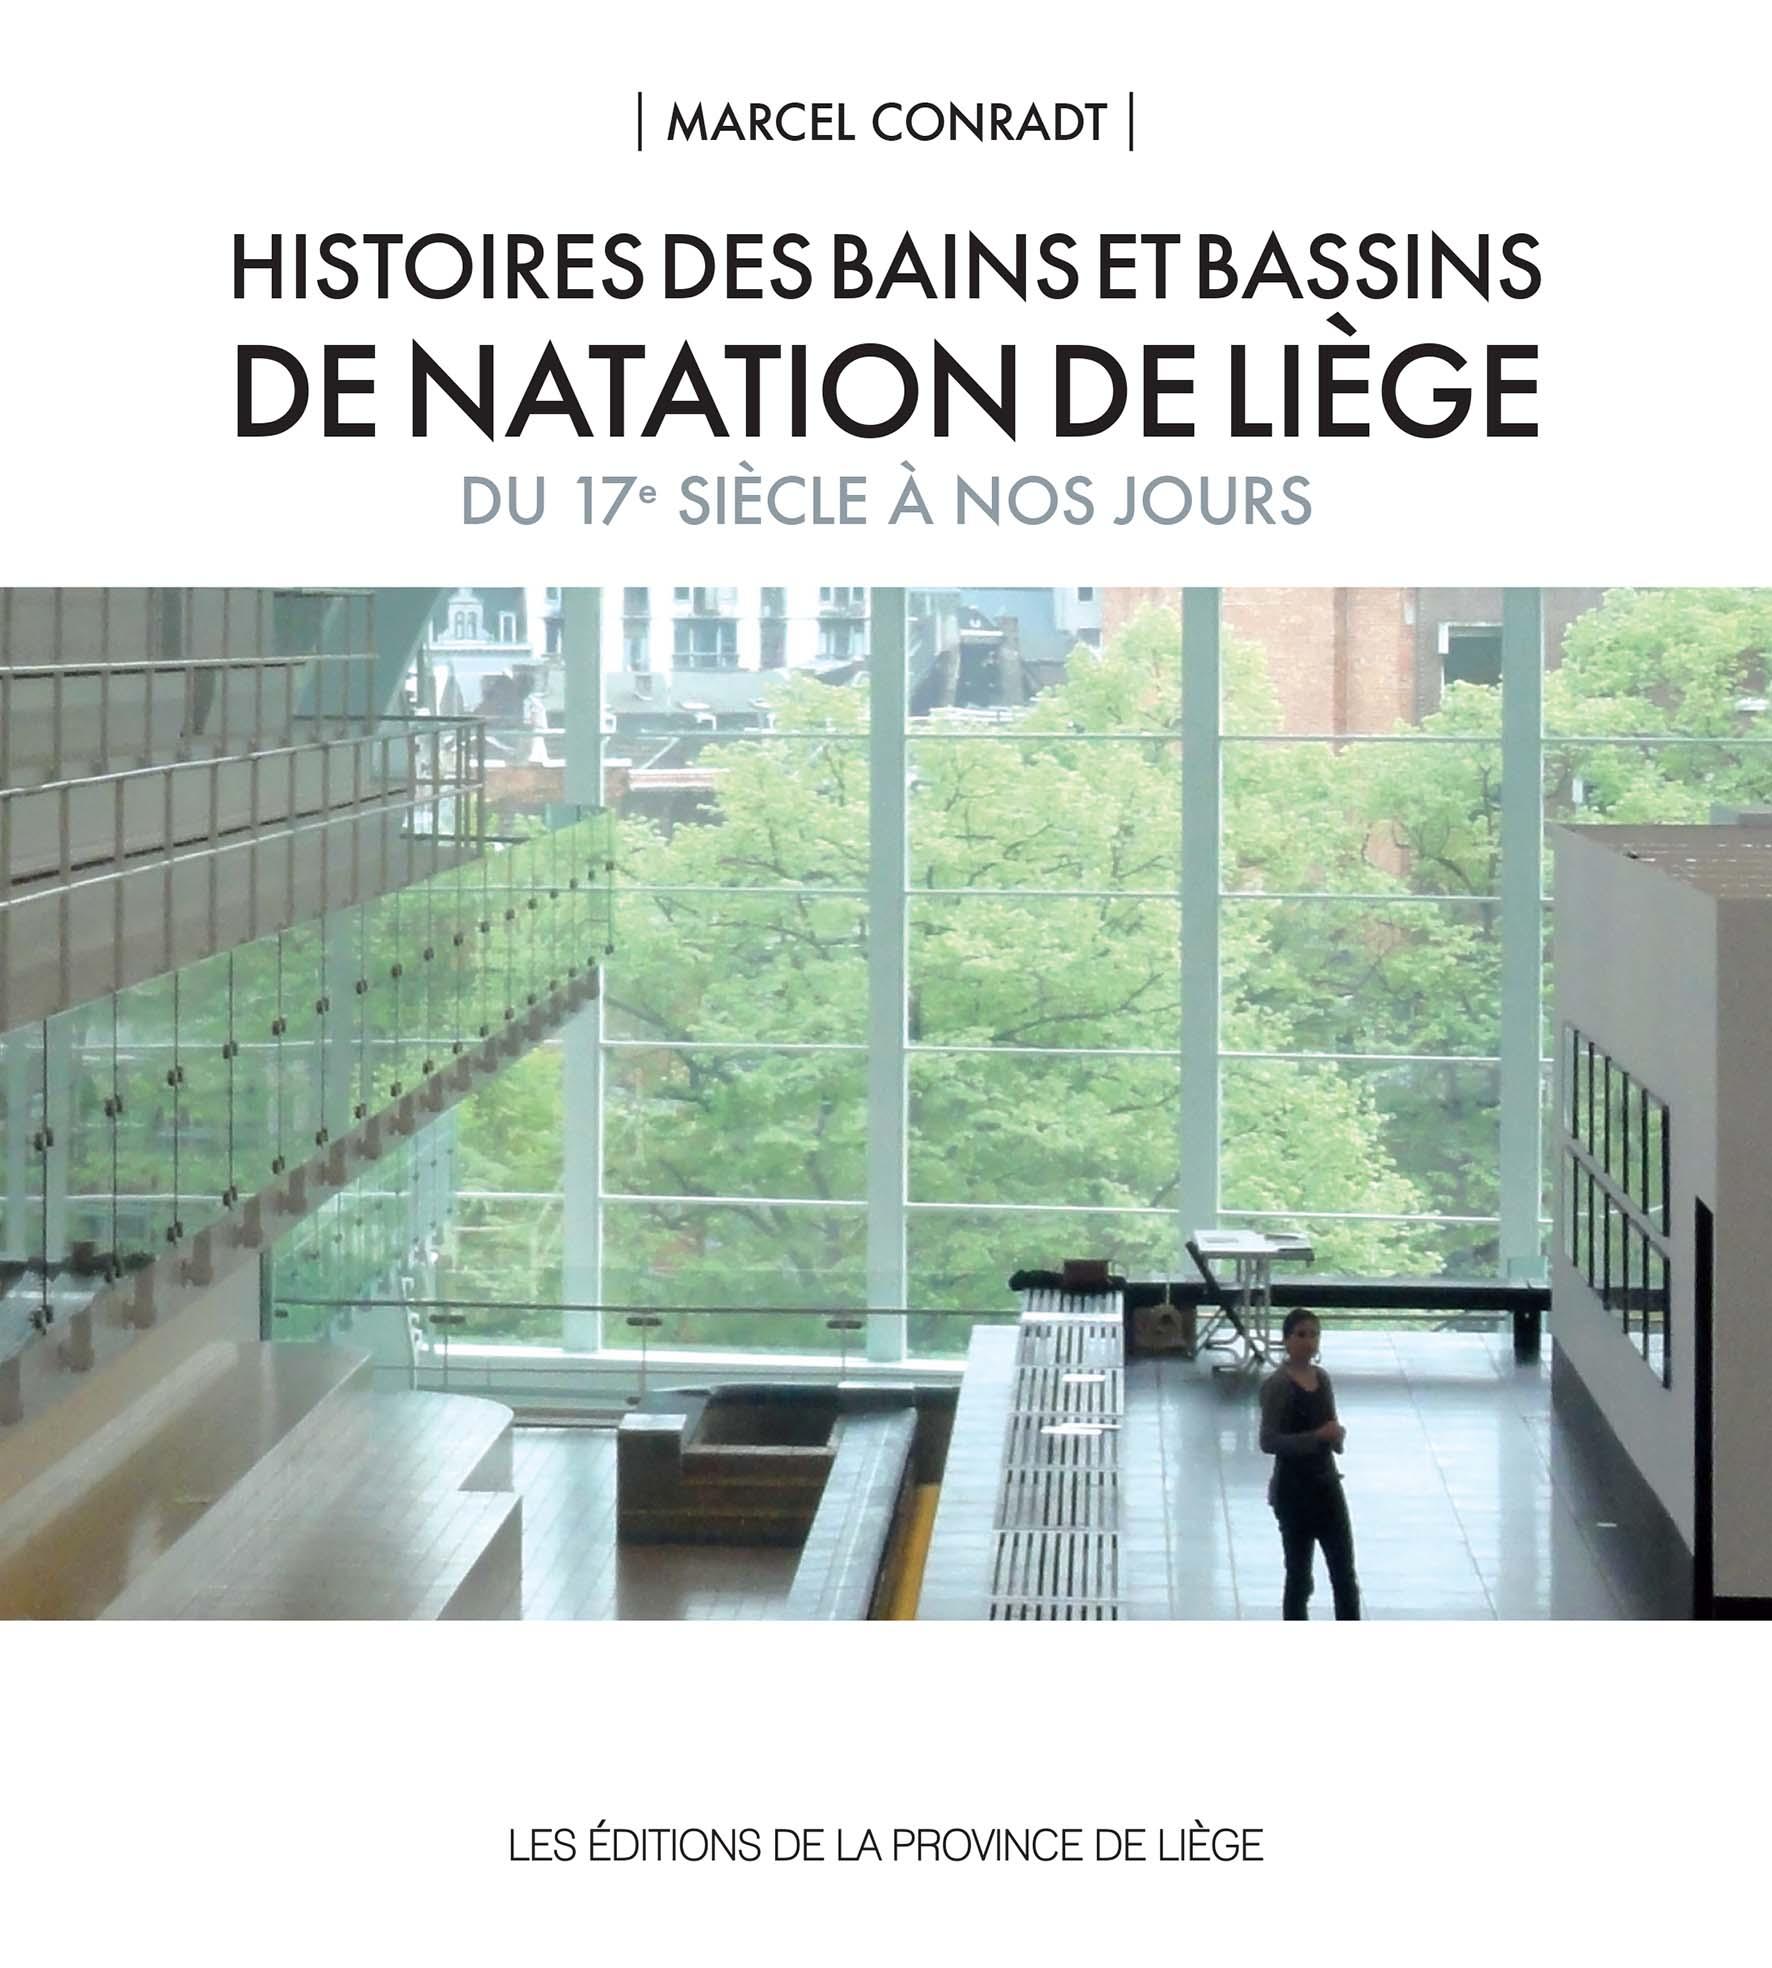 Histoires des bains et bassins de natation de Liège du 17e siècle à nos jours